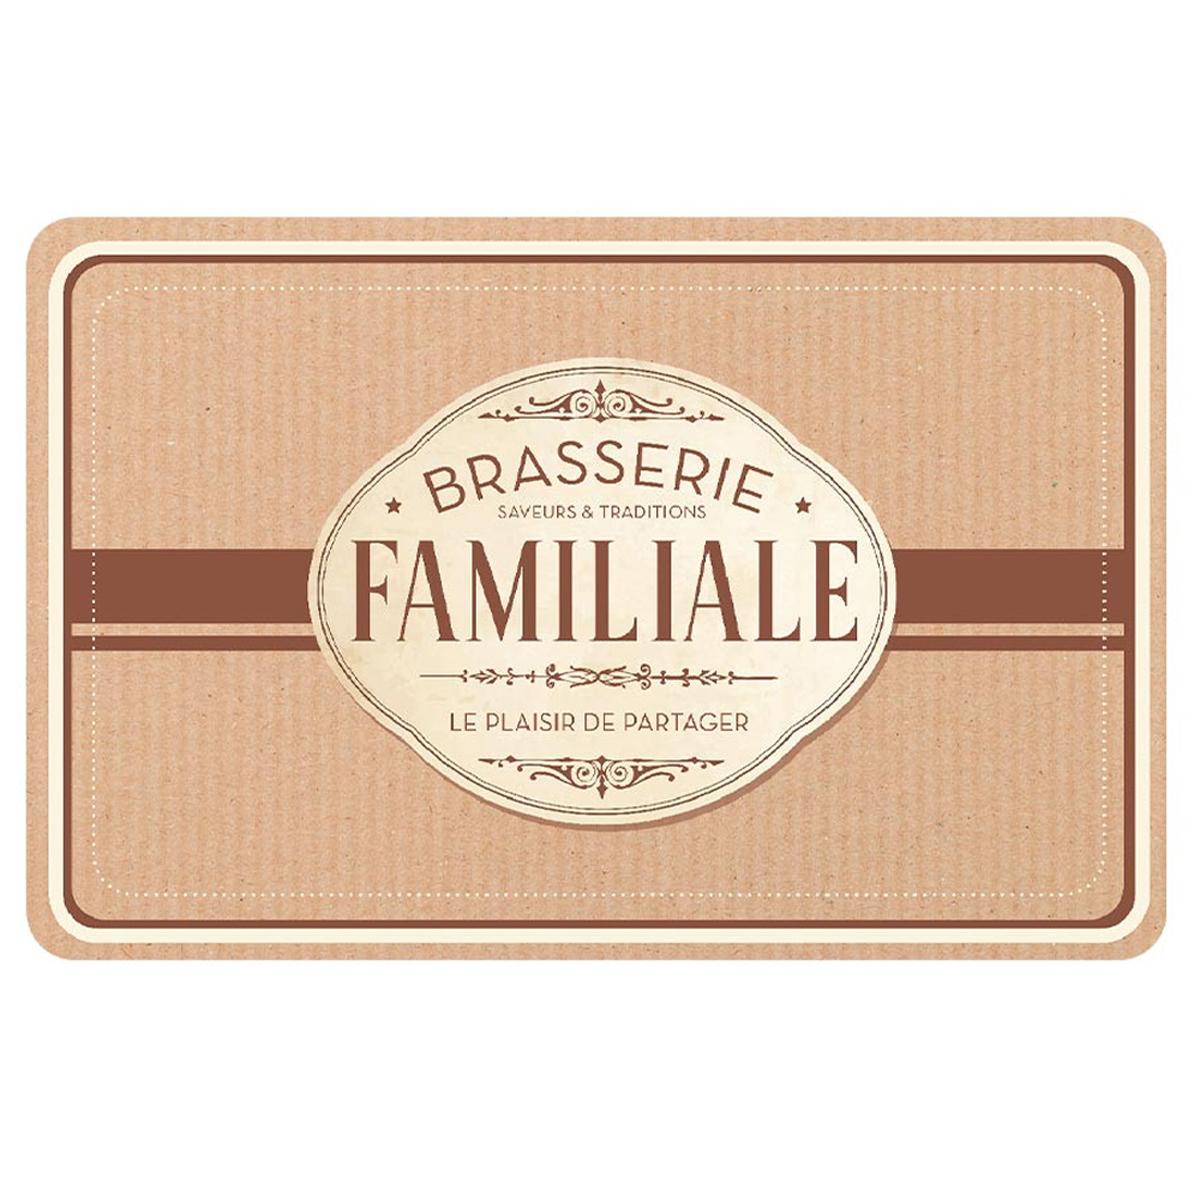 Set de table \'Brasserie Familiale\' marron - 43x28 cm - [A1898]